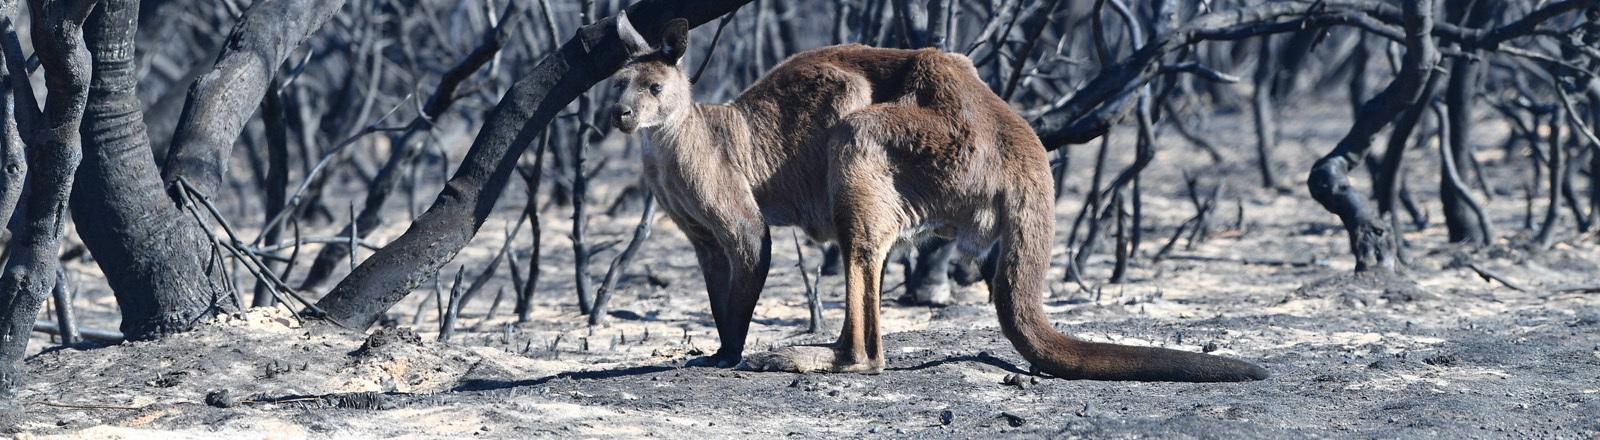 Känguru in verbrannter Umgebung